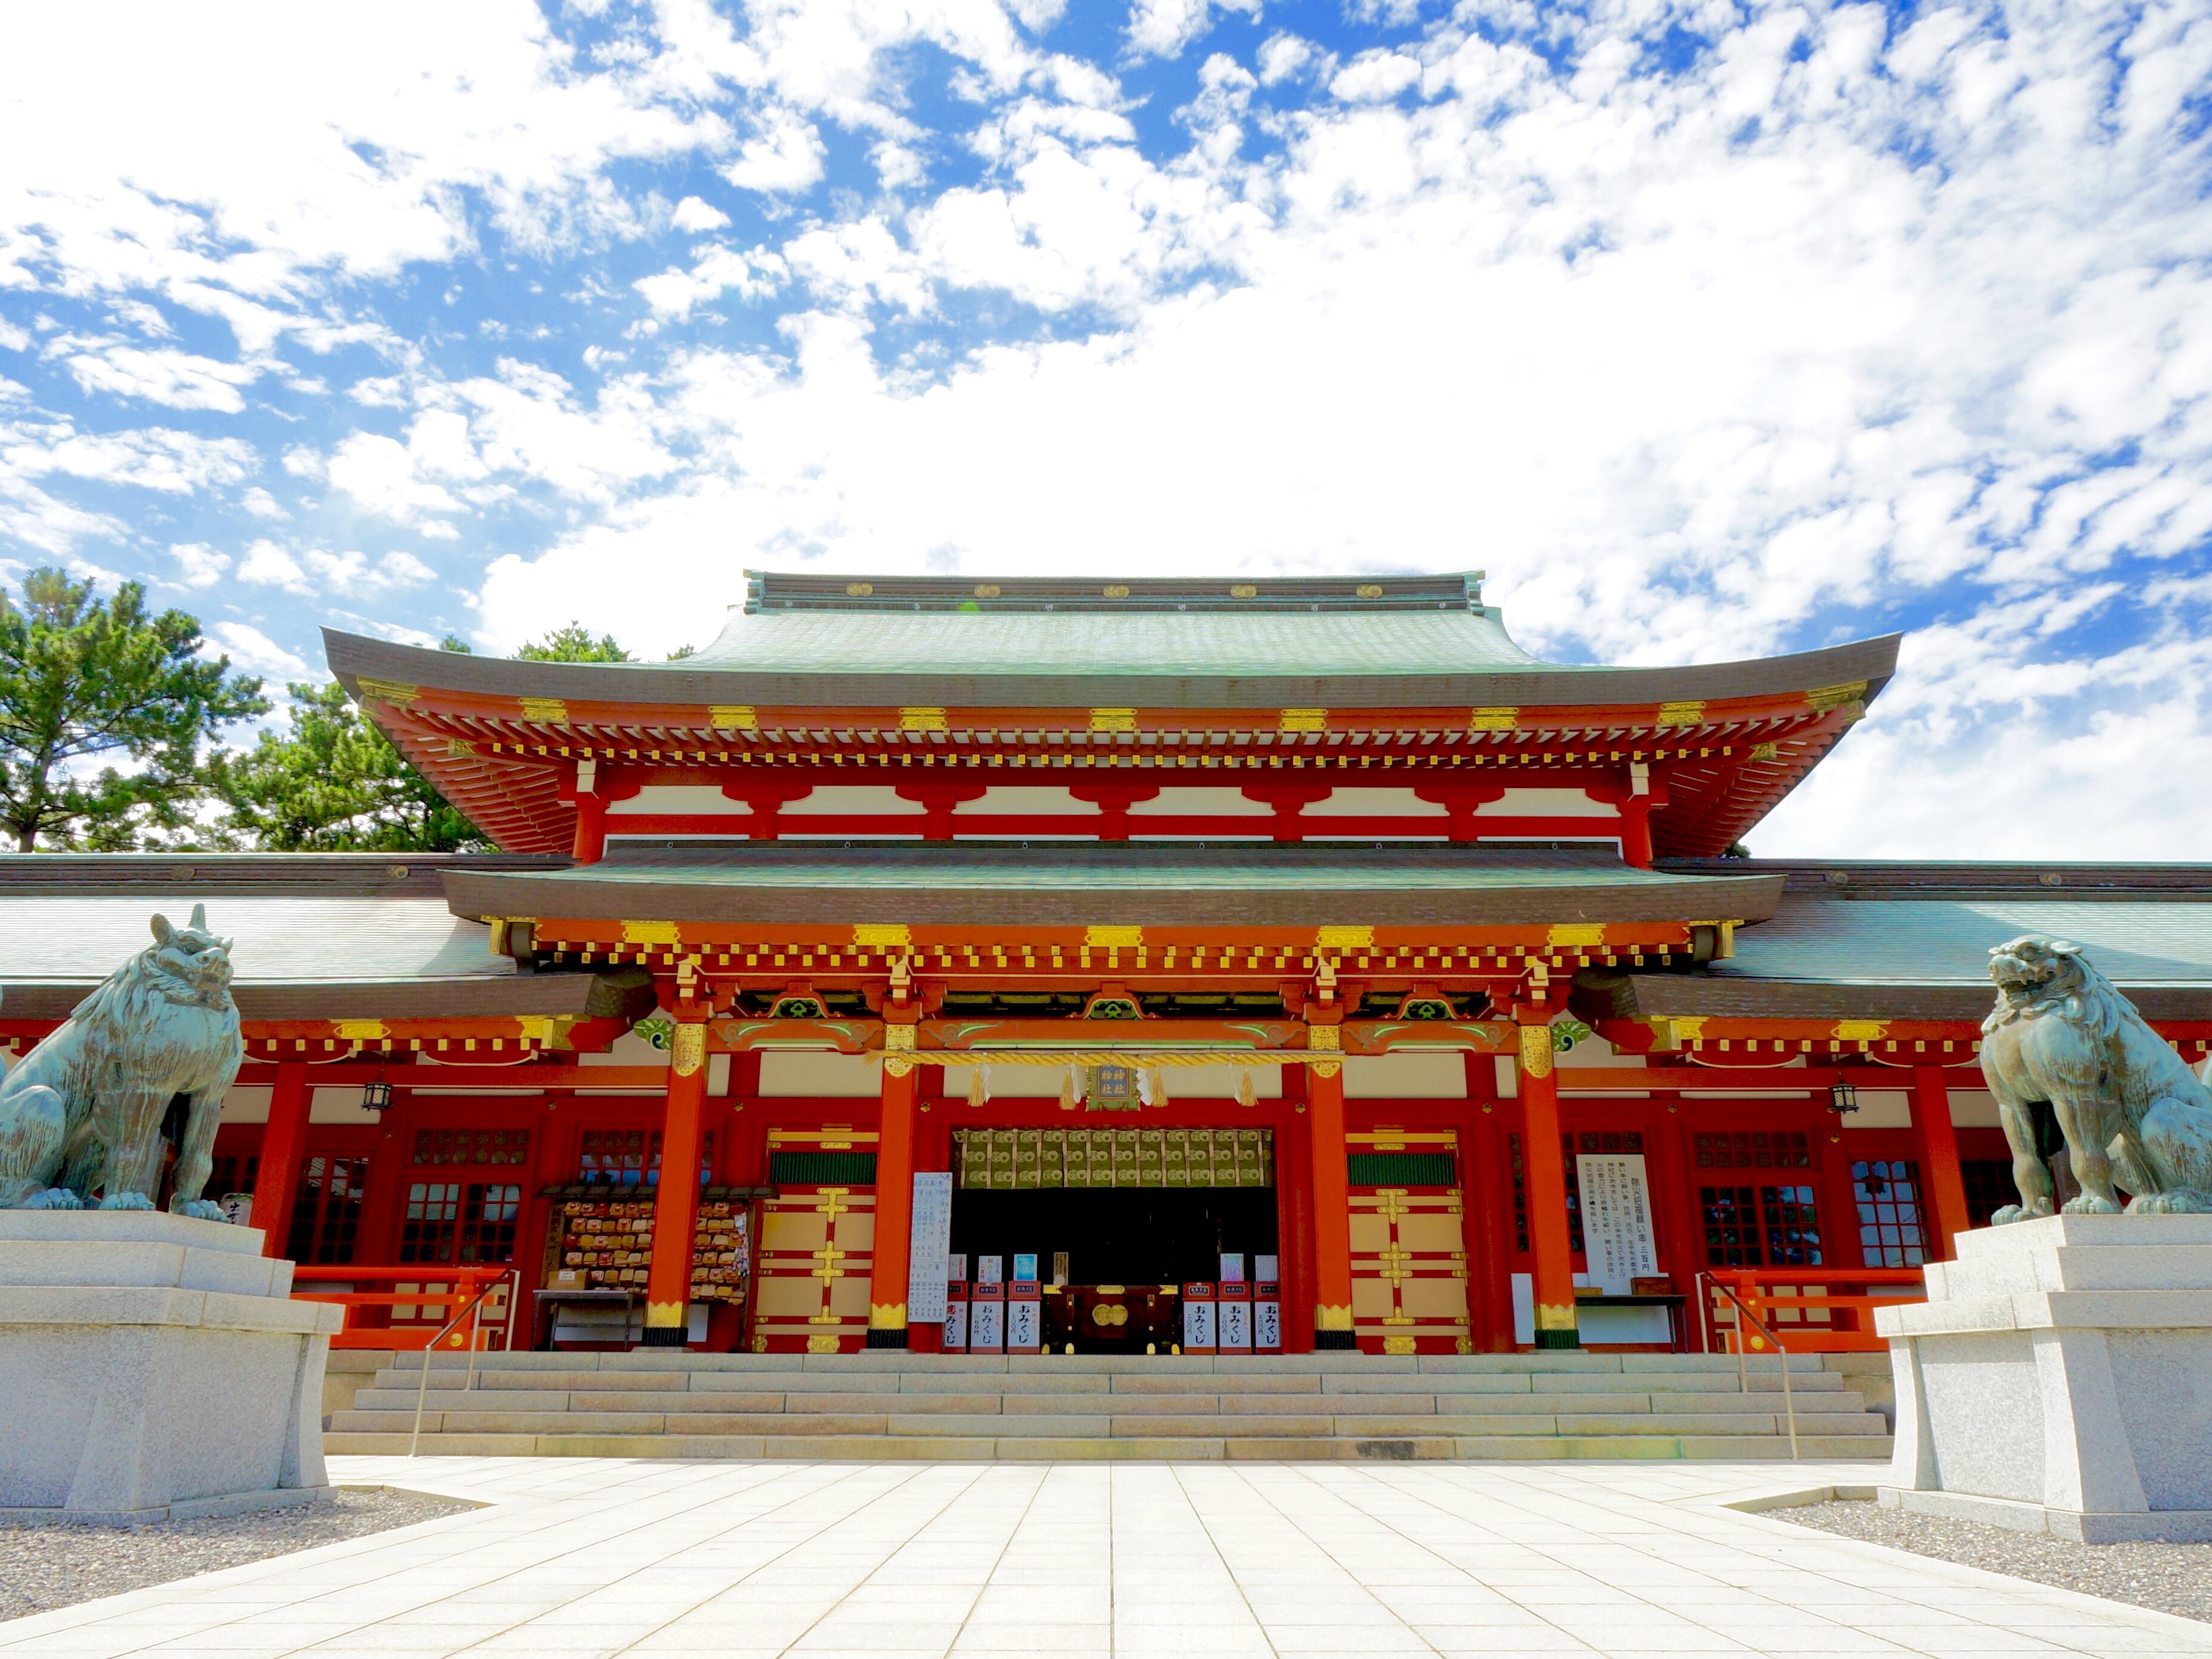 浜松 五社神社 諏訪神社